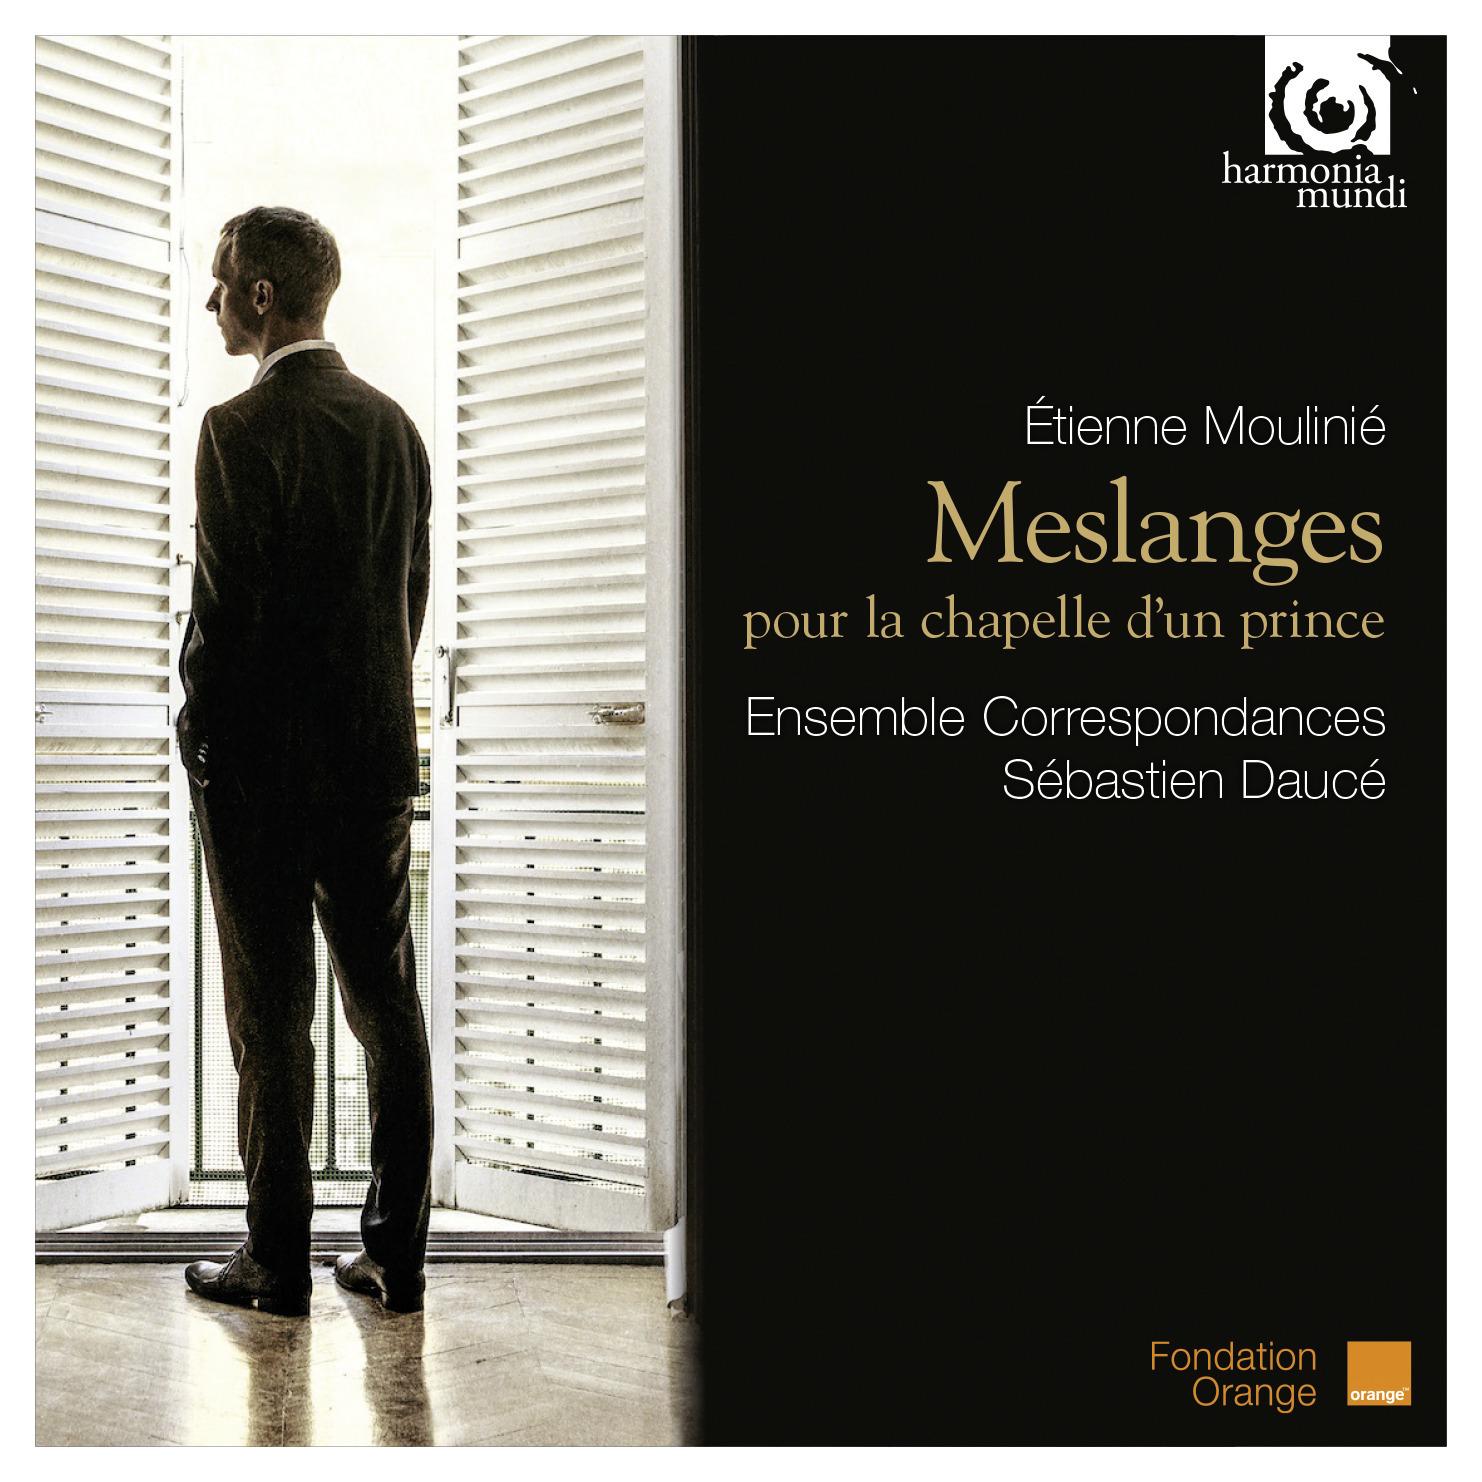 Etienne Moulinie Meslanges pour la chapelle d'un prince - Ensemble Correspondance